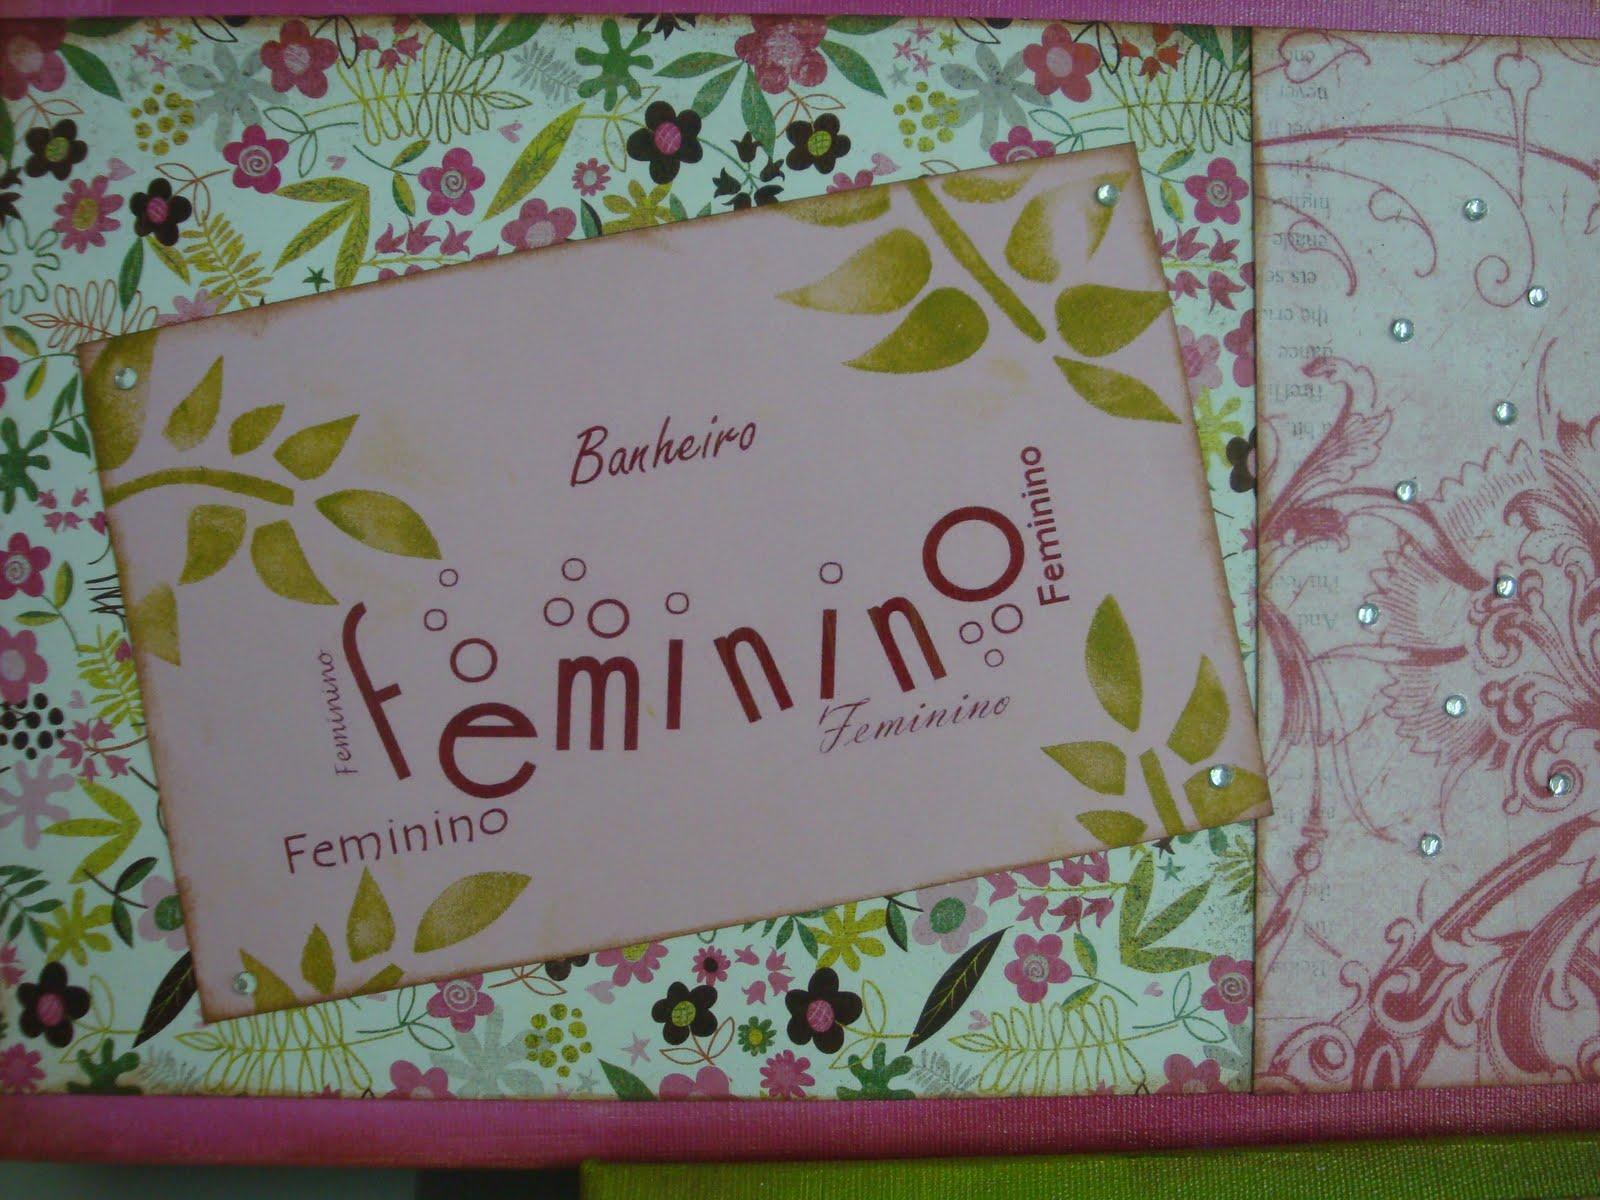 Fazendo Arte Plaquinhas para Banheiro -> Banheiro Feminino Translation